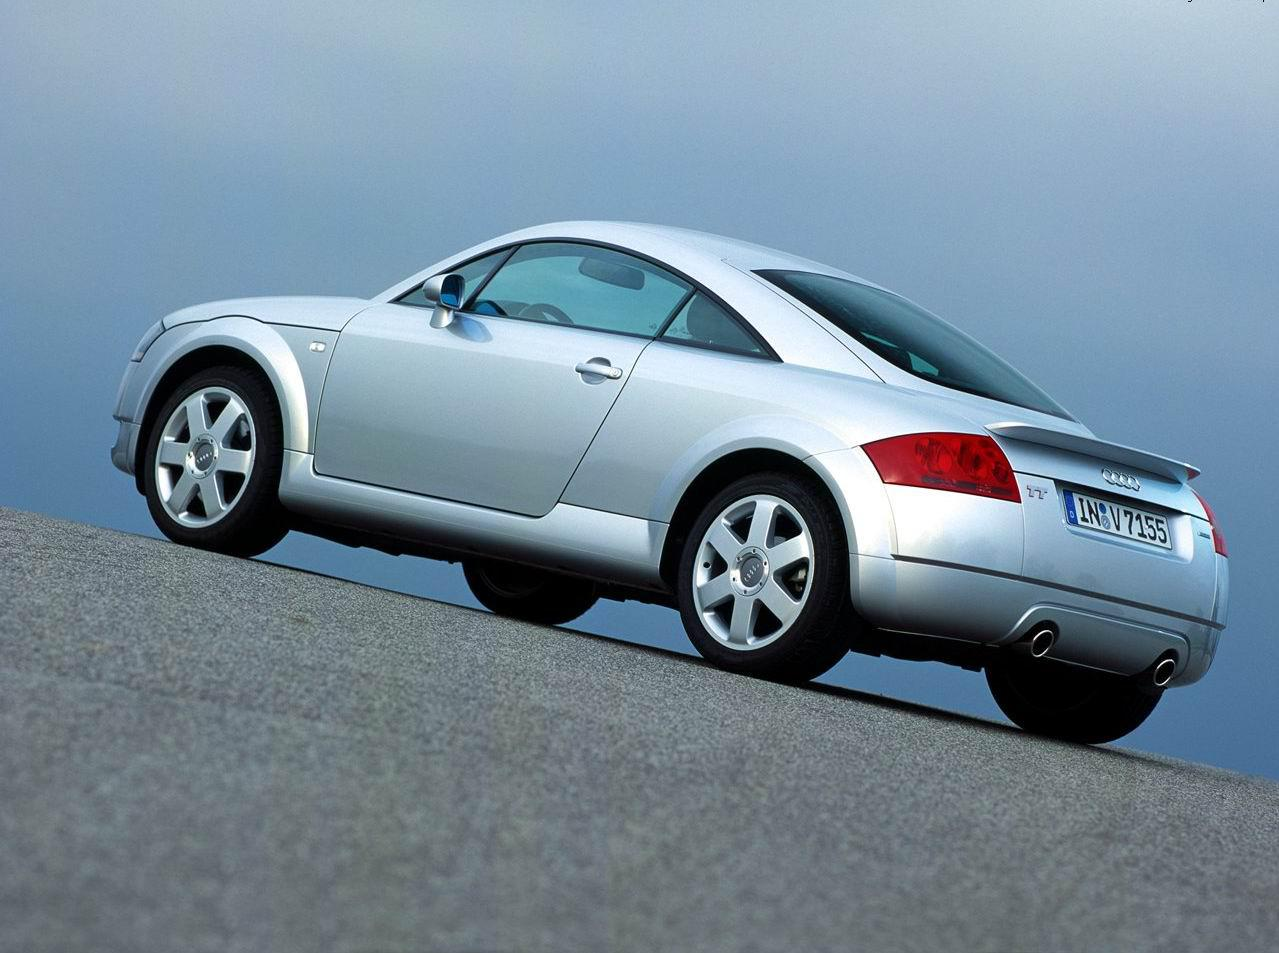 2000 Audi TT (8N) (audi tt coupe 2000 01 b)